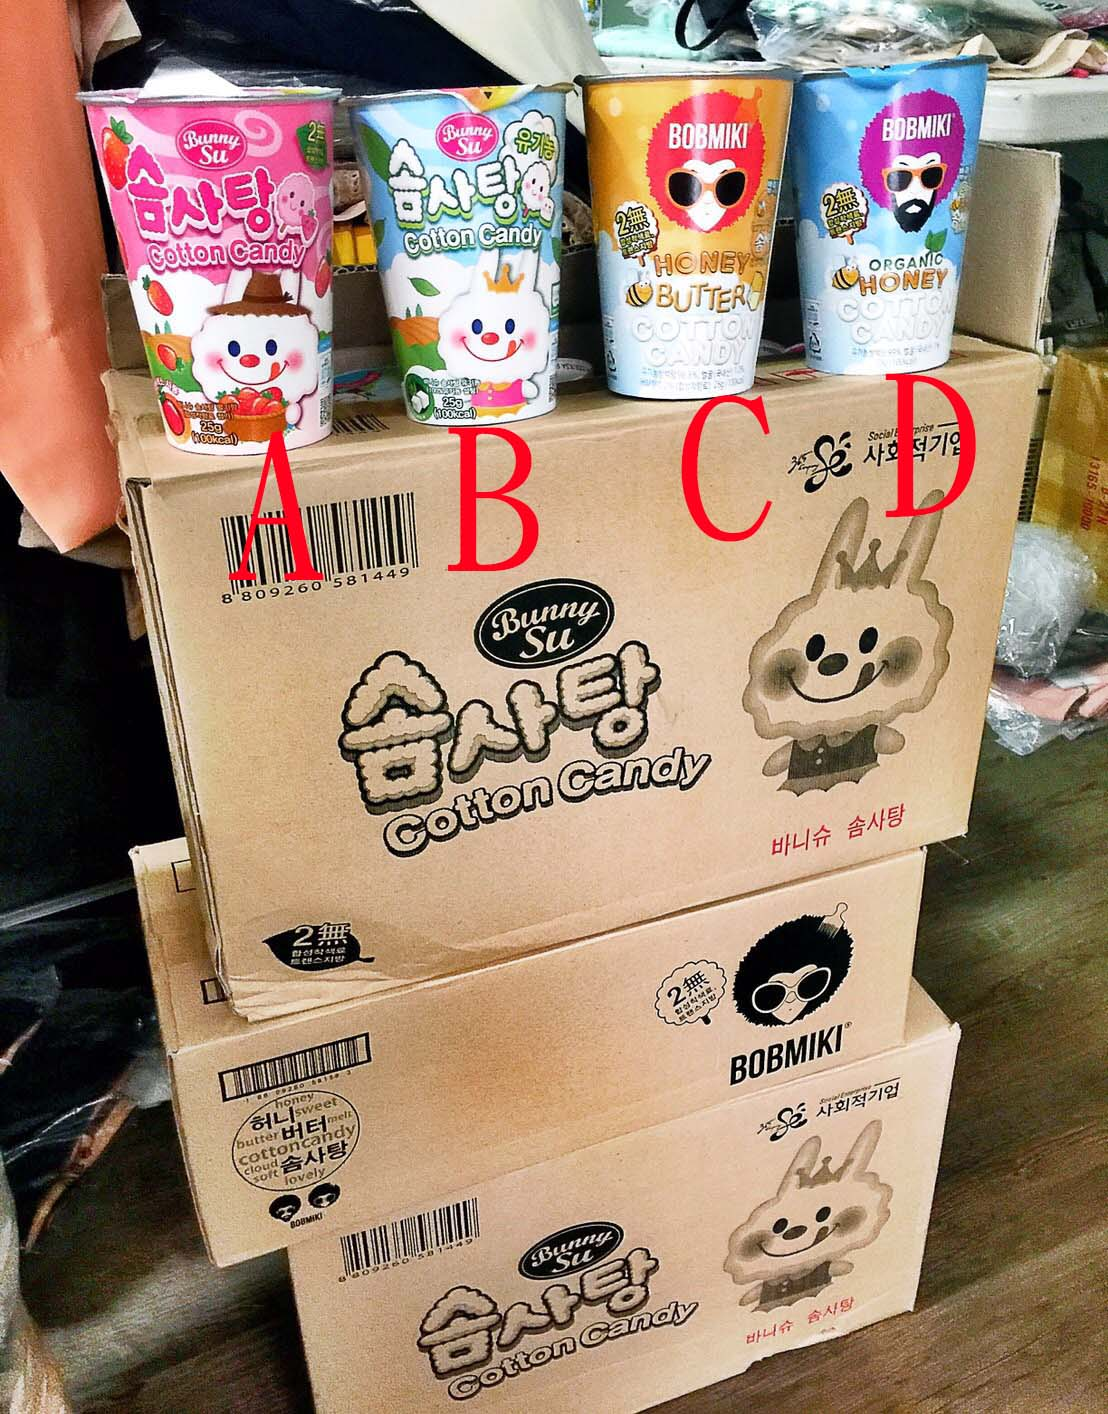 韓國 爆炸頭&兔兔 棉花糖 蜂蜜奶油草莓 cotton candy 棉花糖 糖果(少量現貨售完為止)P7韓系精品館 25G